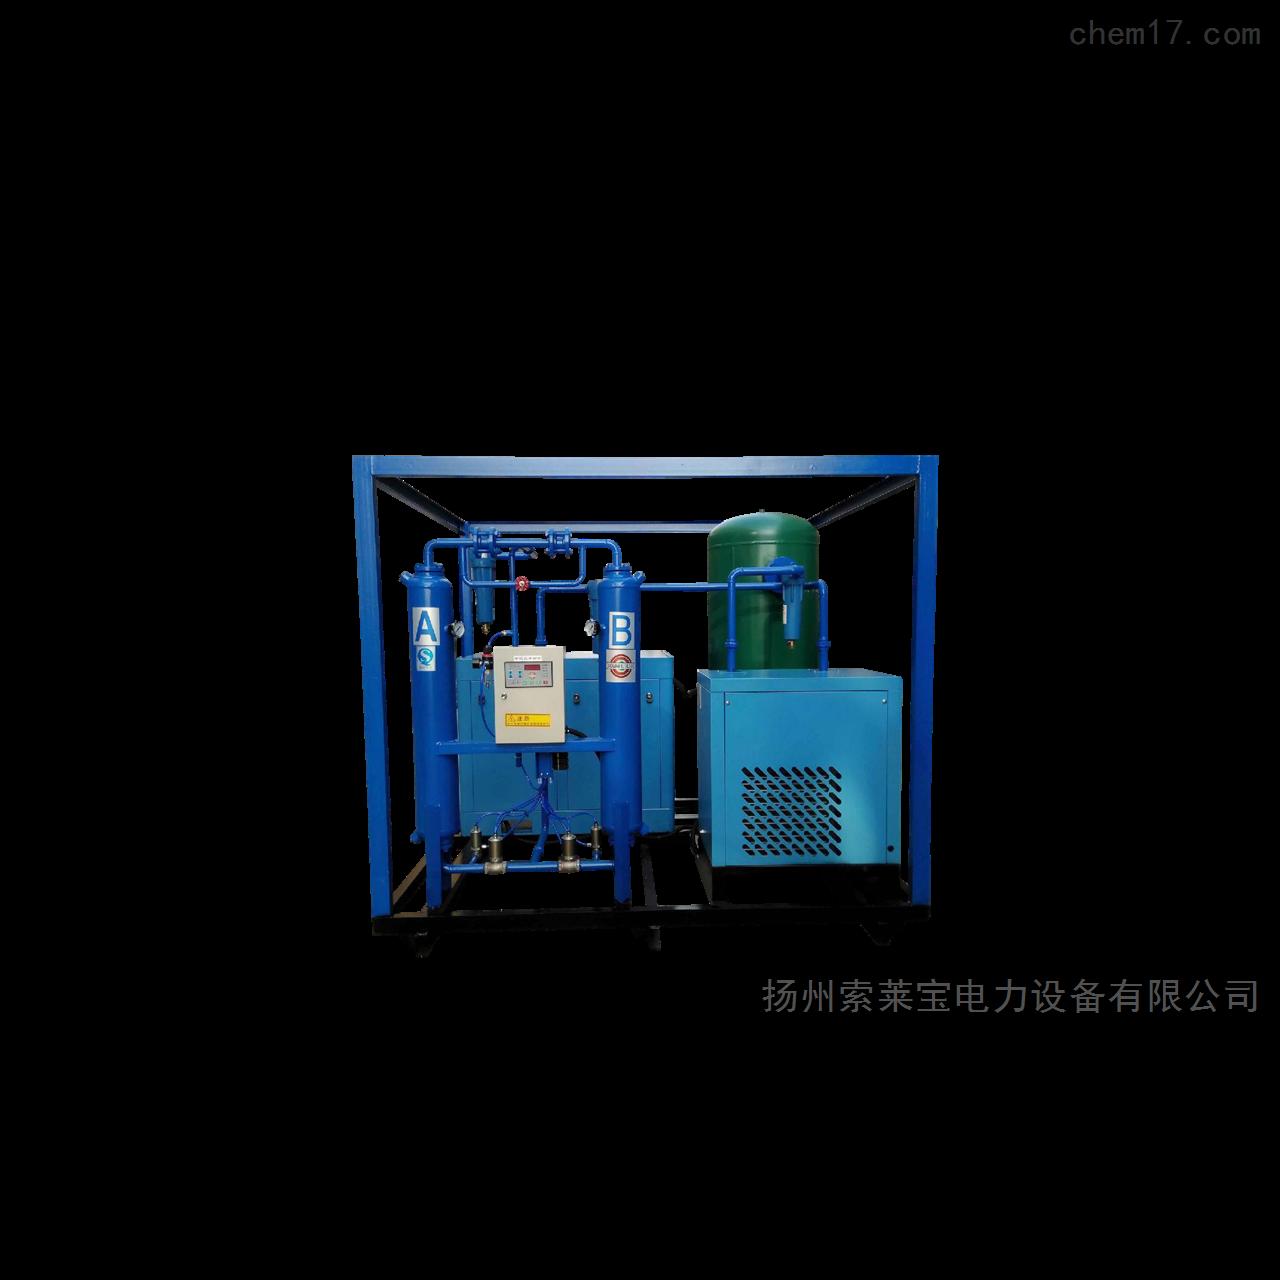 二级承装承修承试空气干燥发生器制造商